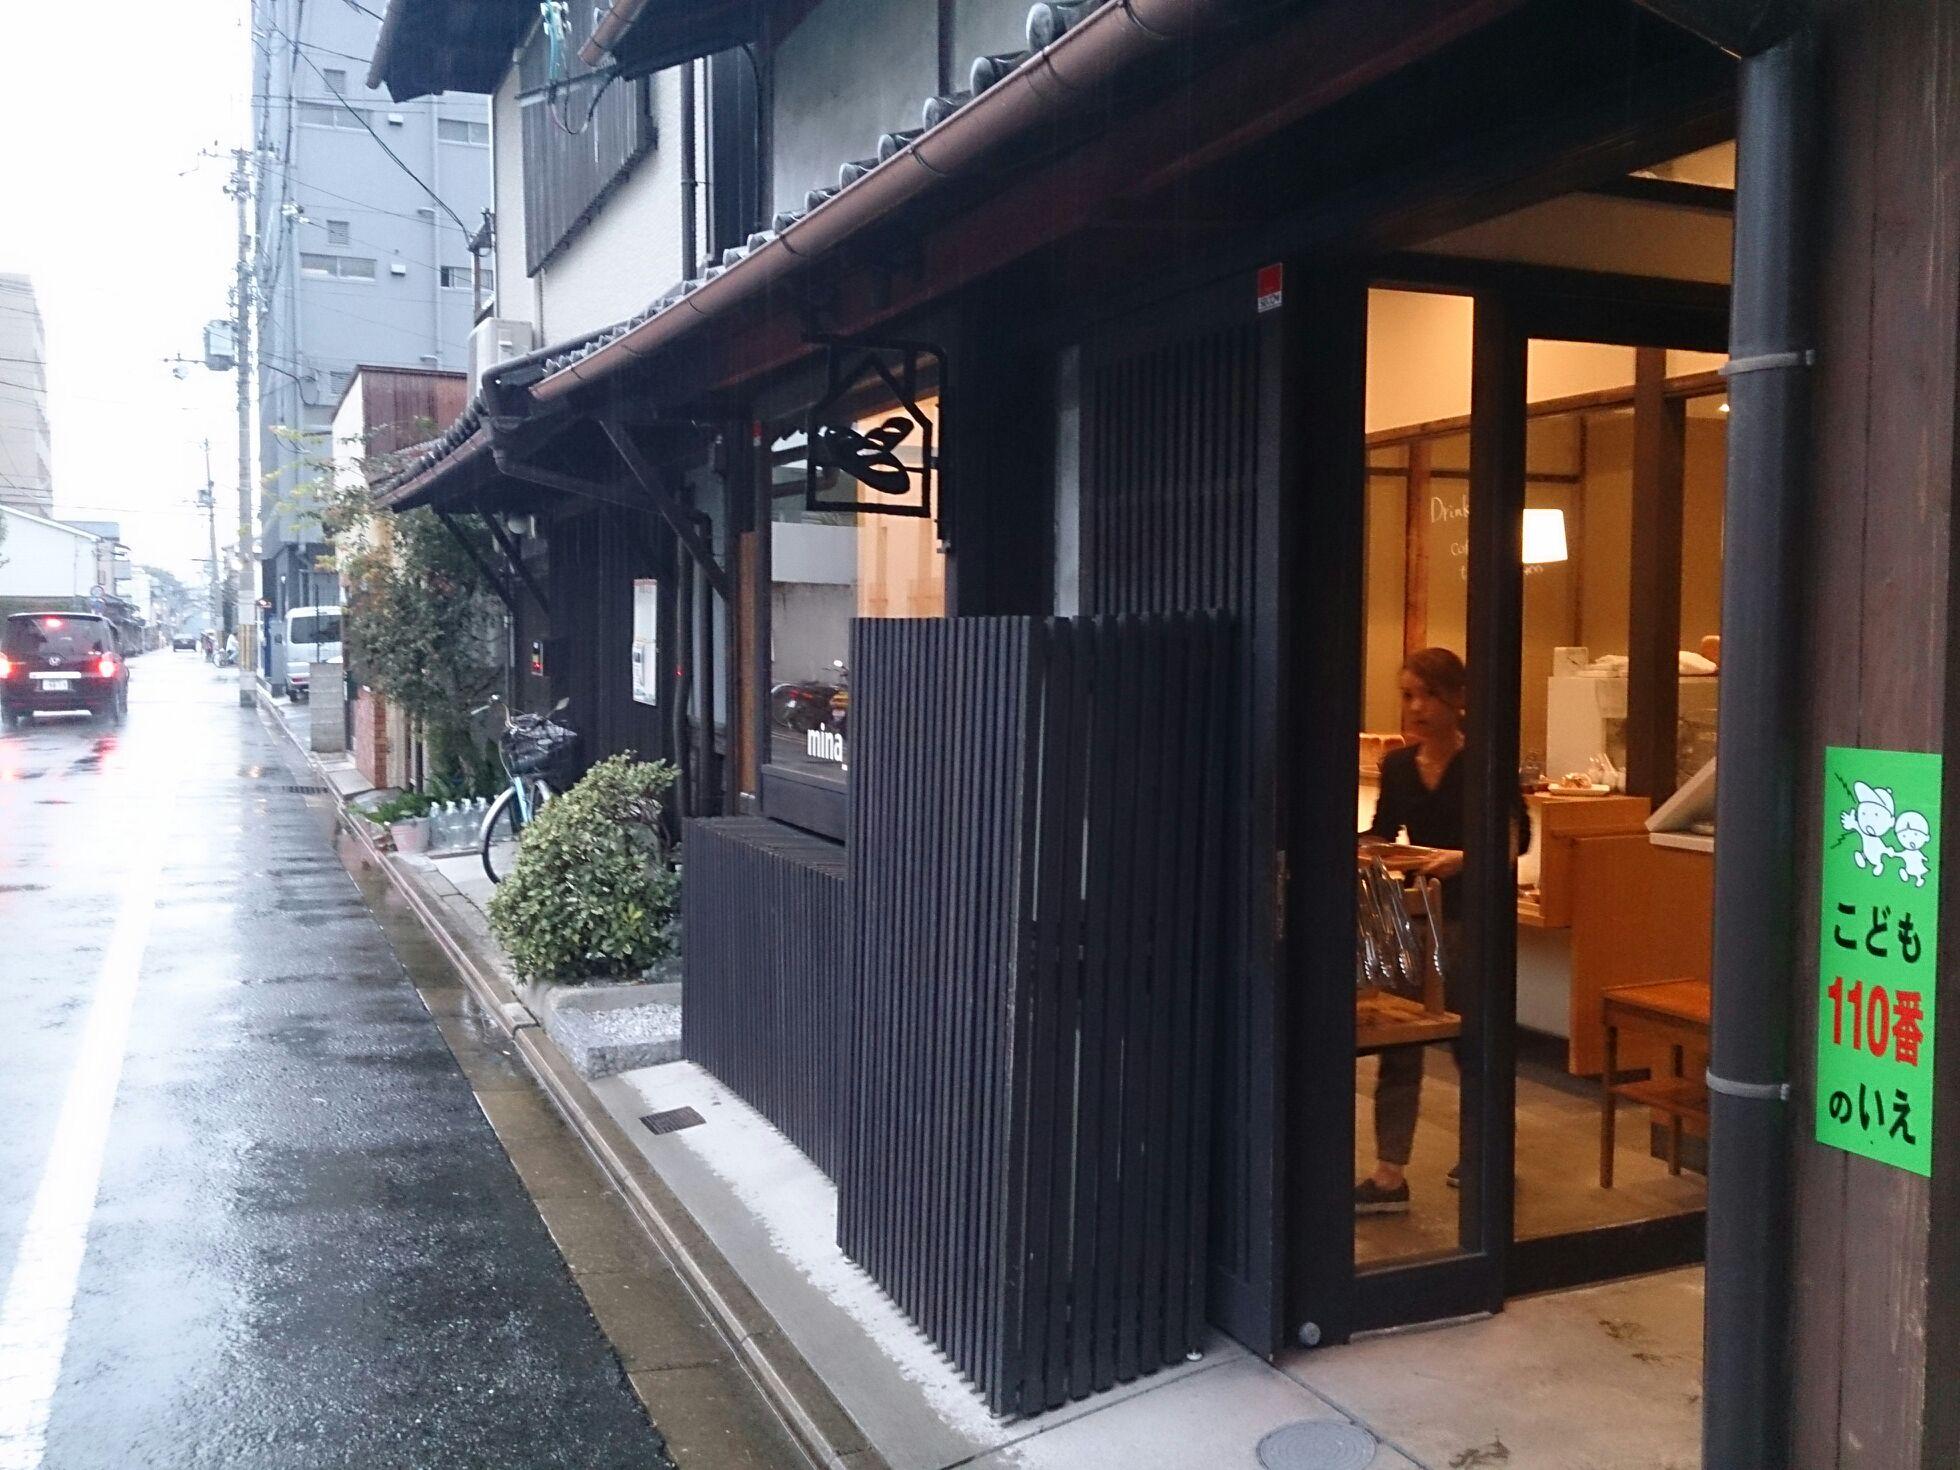 mina_minaミナミナ(京都市下京区/手作りパン屋)